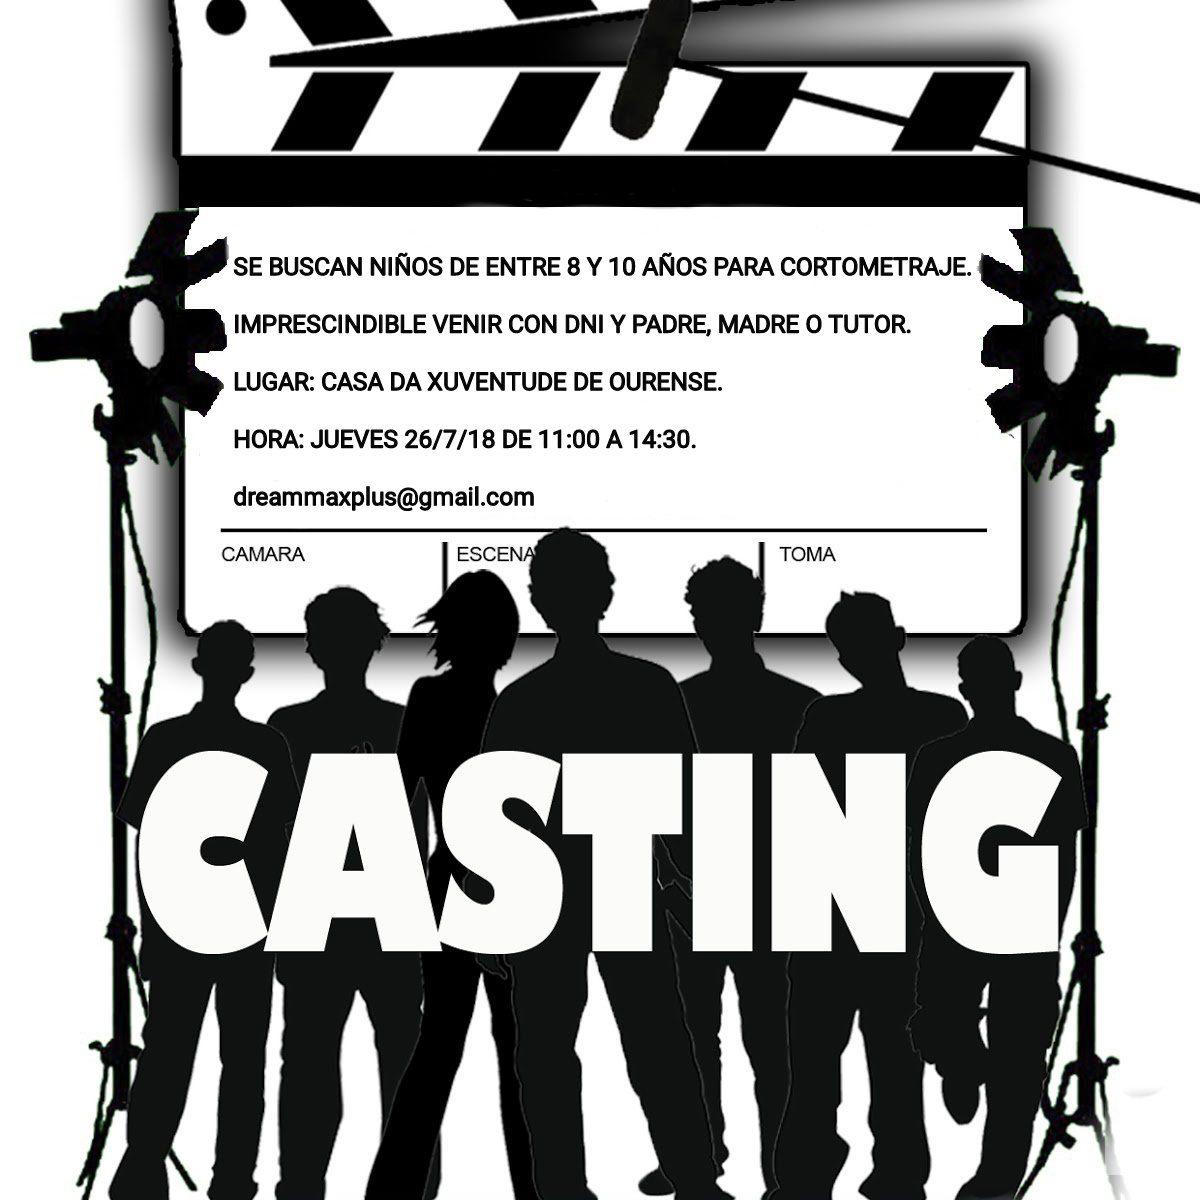 Casting en Ourense